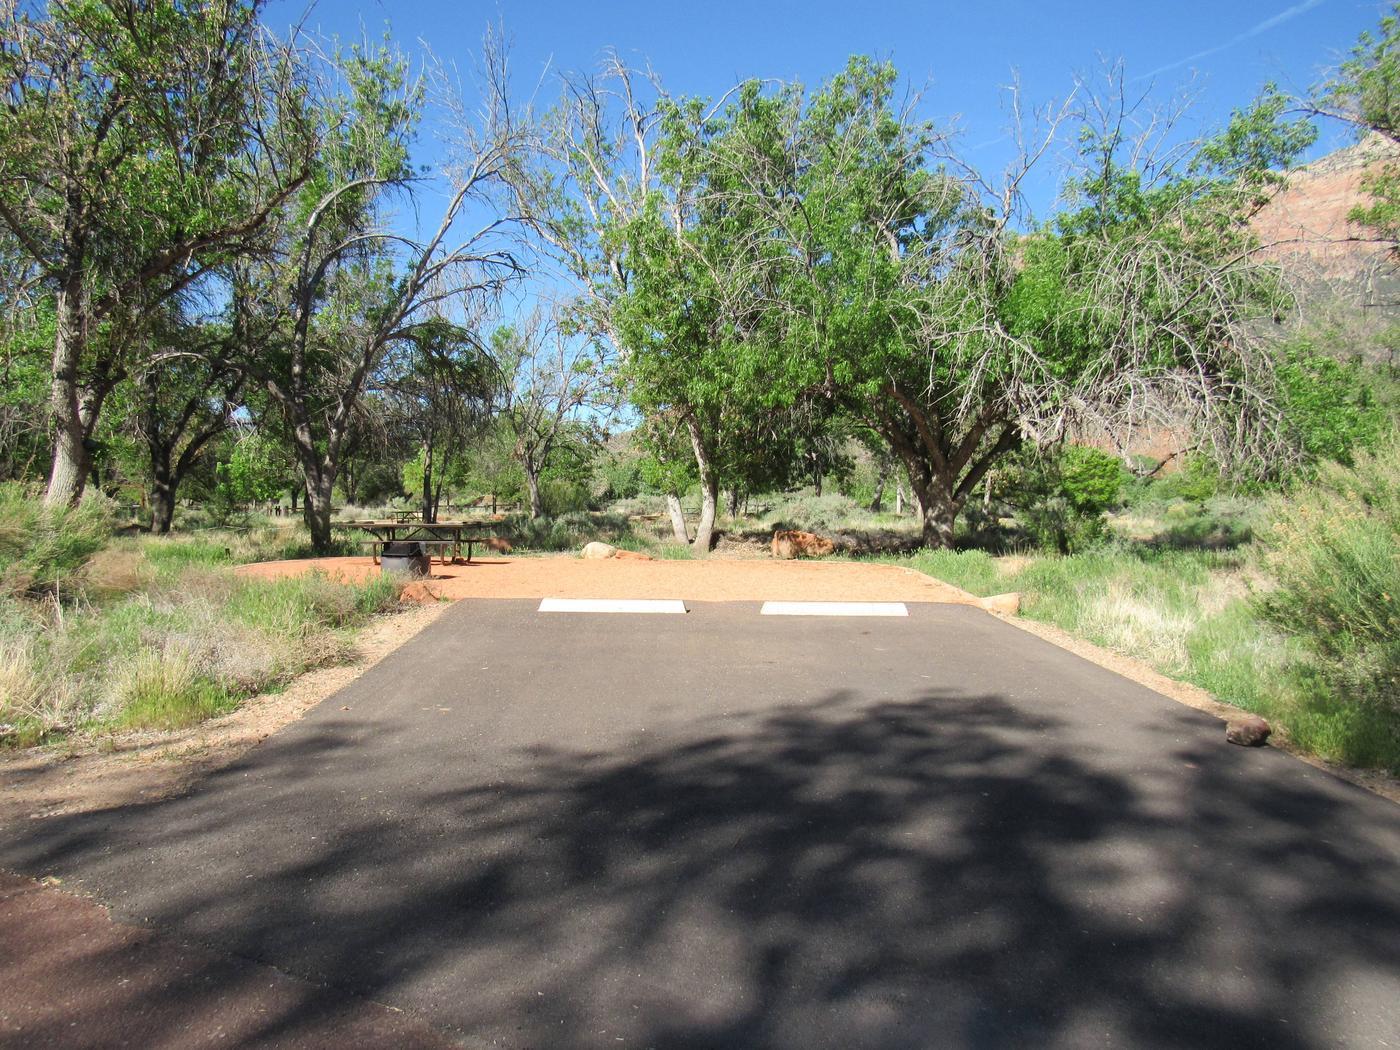 C20 parkingC20 paved parking area